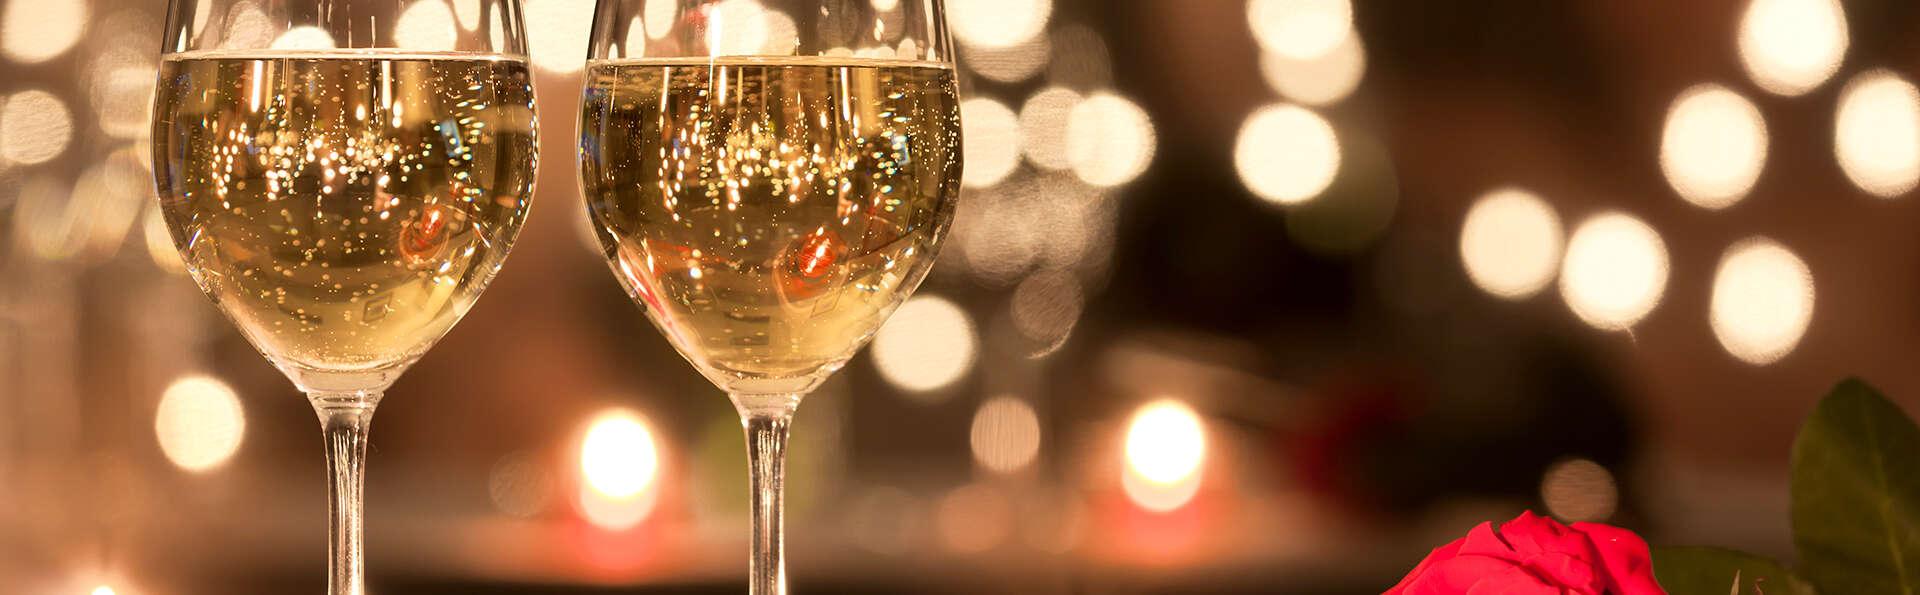 Séjour détente et romantisme avec champagne